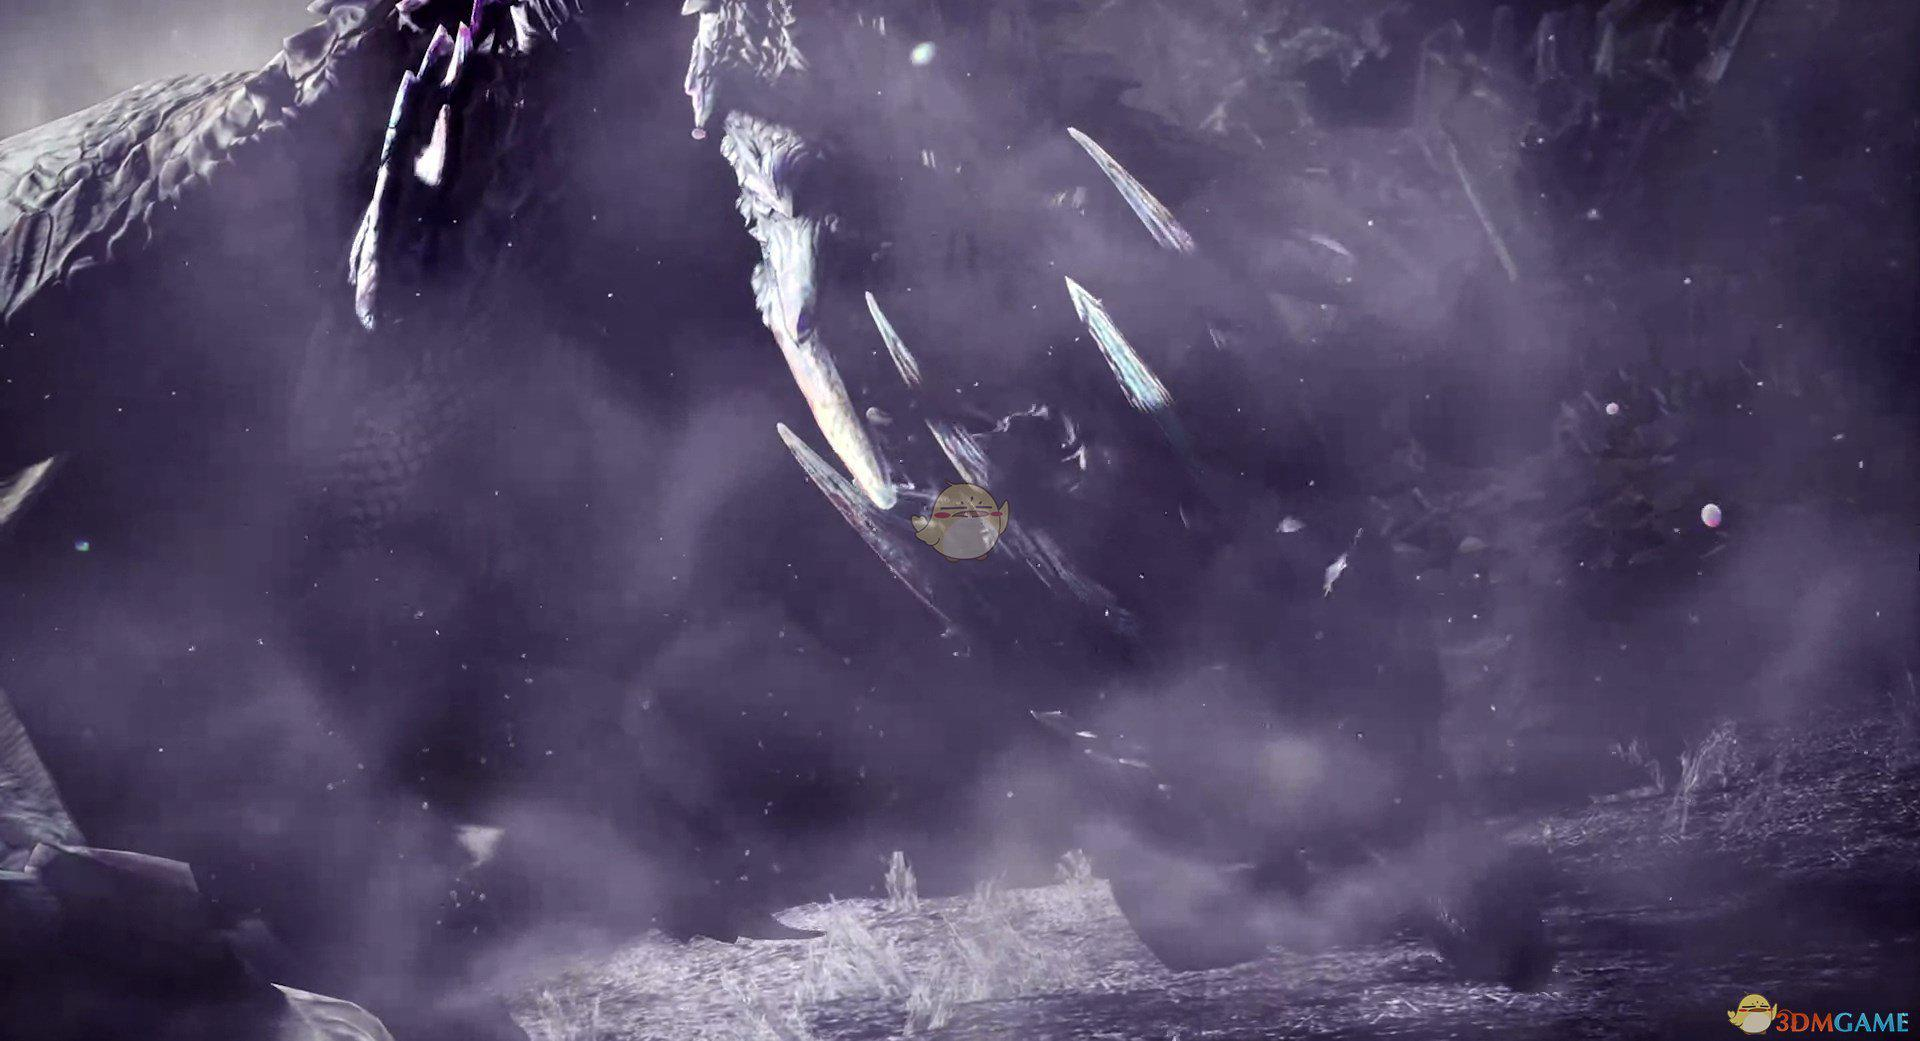 《魔物獵人:世界》冰原DLC片手的飛翔爪終結技使用技巧分享